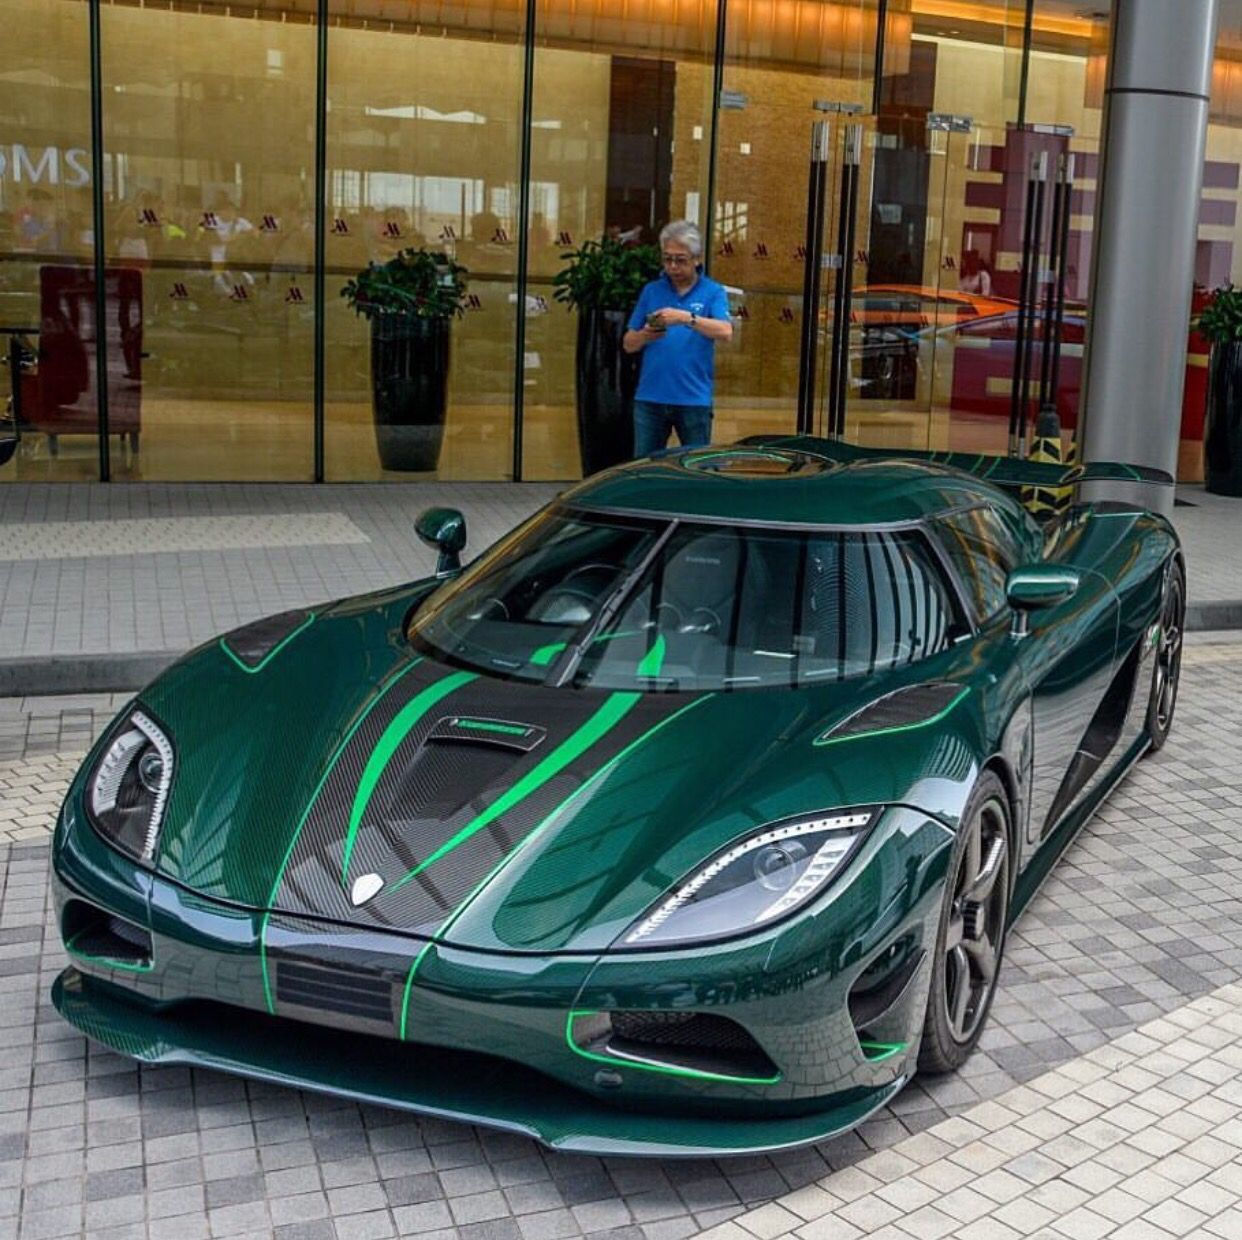 Lamborghini Agera R: Image Result For Koenigsegg Agera R Green